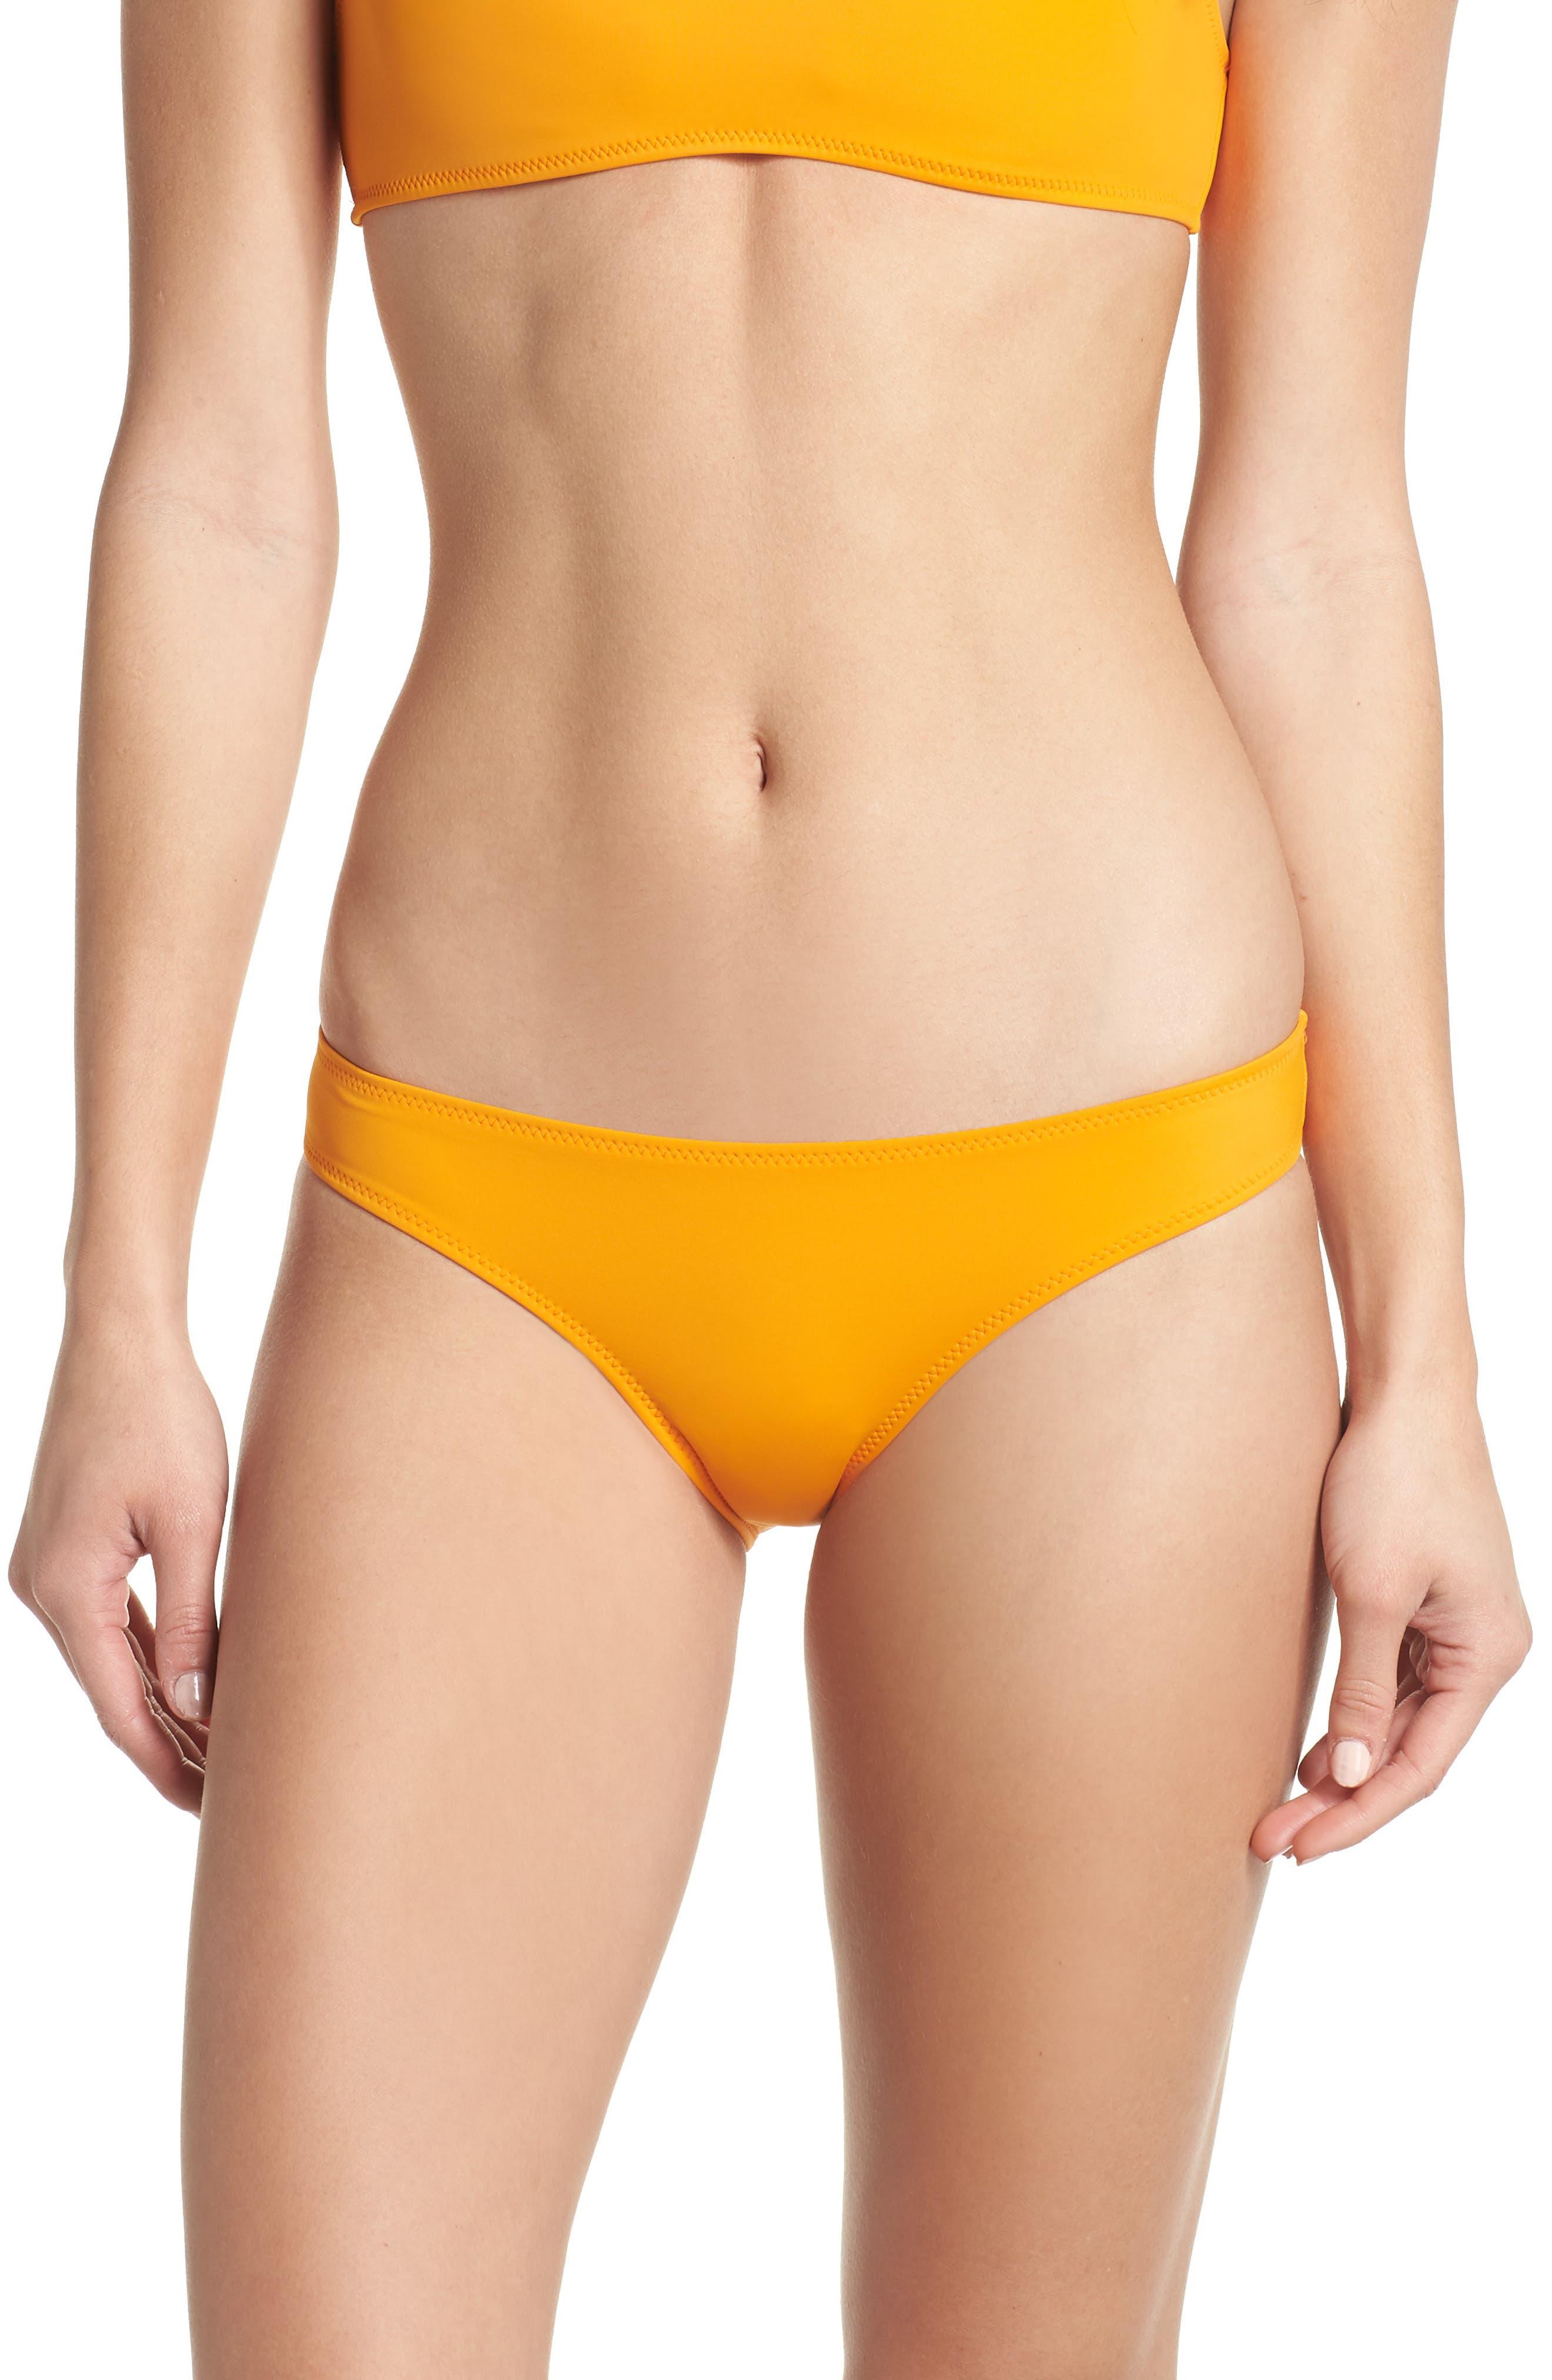 Elle Bikini Bottoms,                             Main thumbnail 1, color,                             Orange